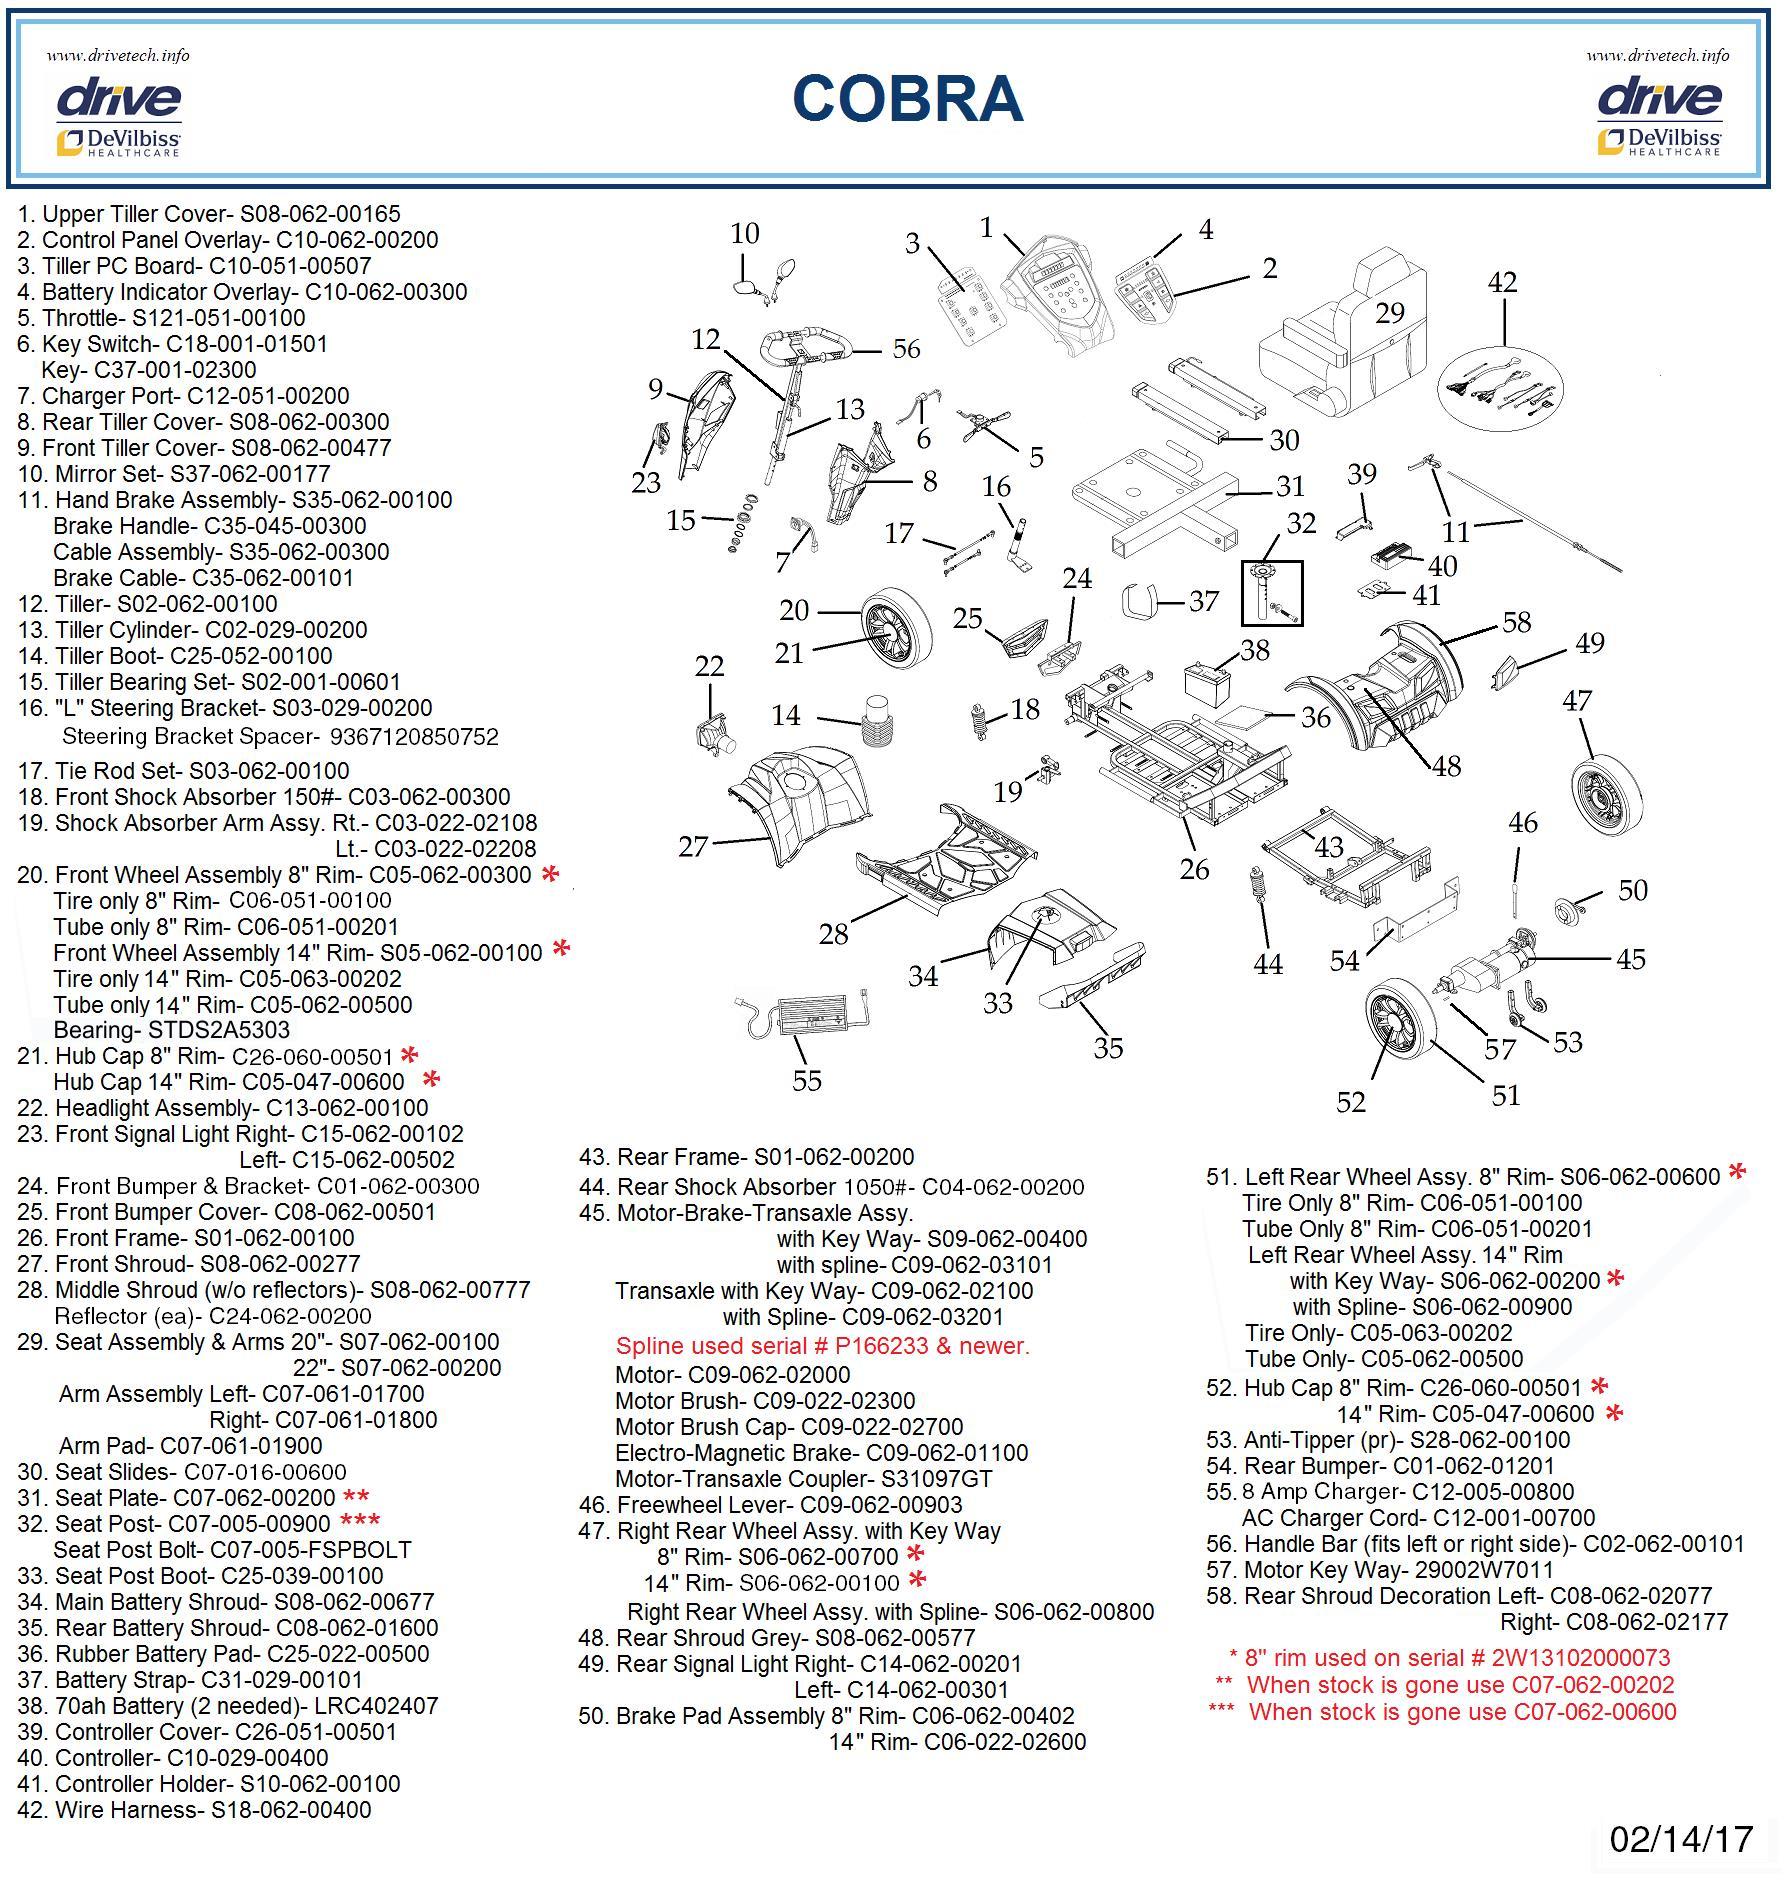 Drive Cobra GT4 Heavy Duty Four-Wheel Power Scooter